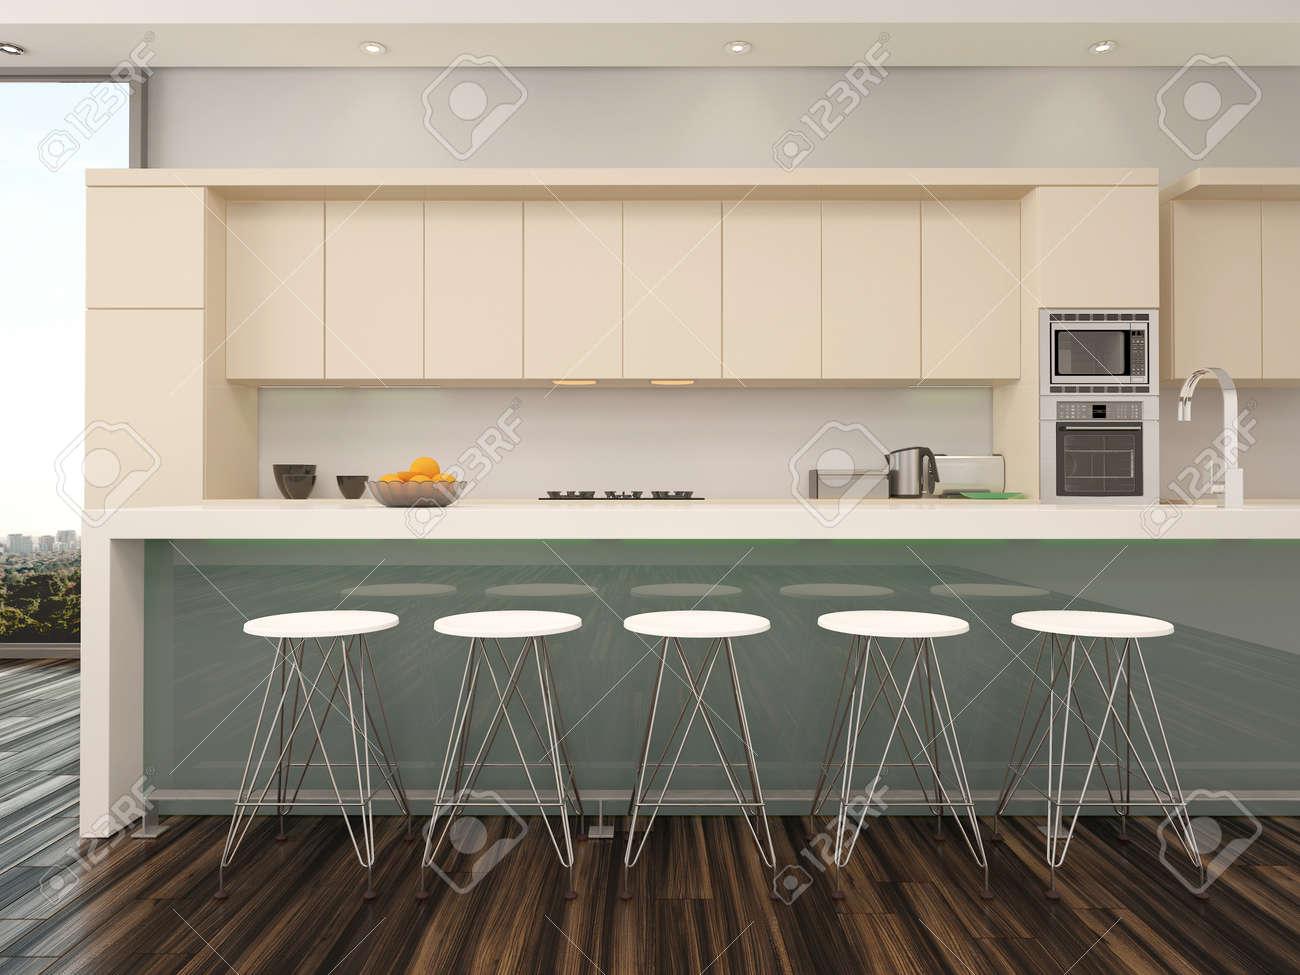 Modern öppen planlösning lägenhet kök interiör med en disk med ...